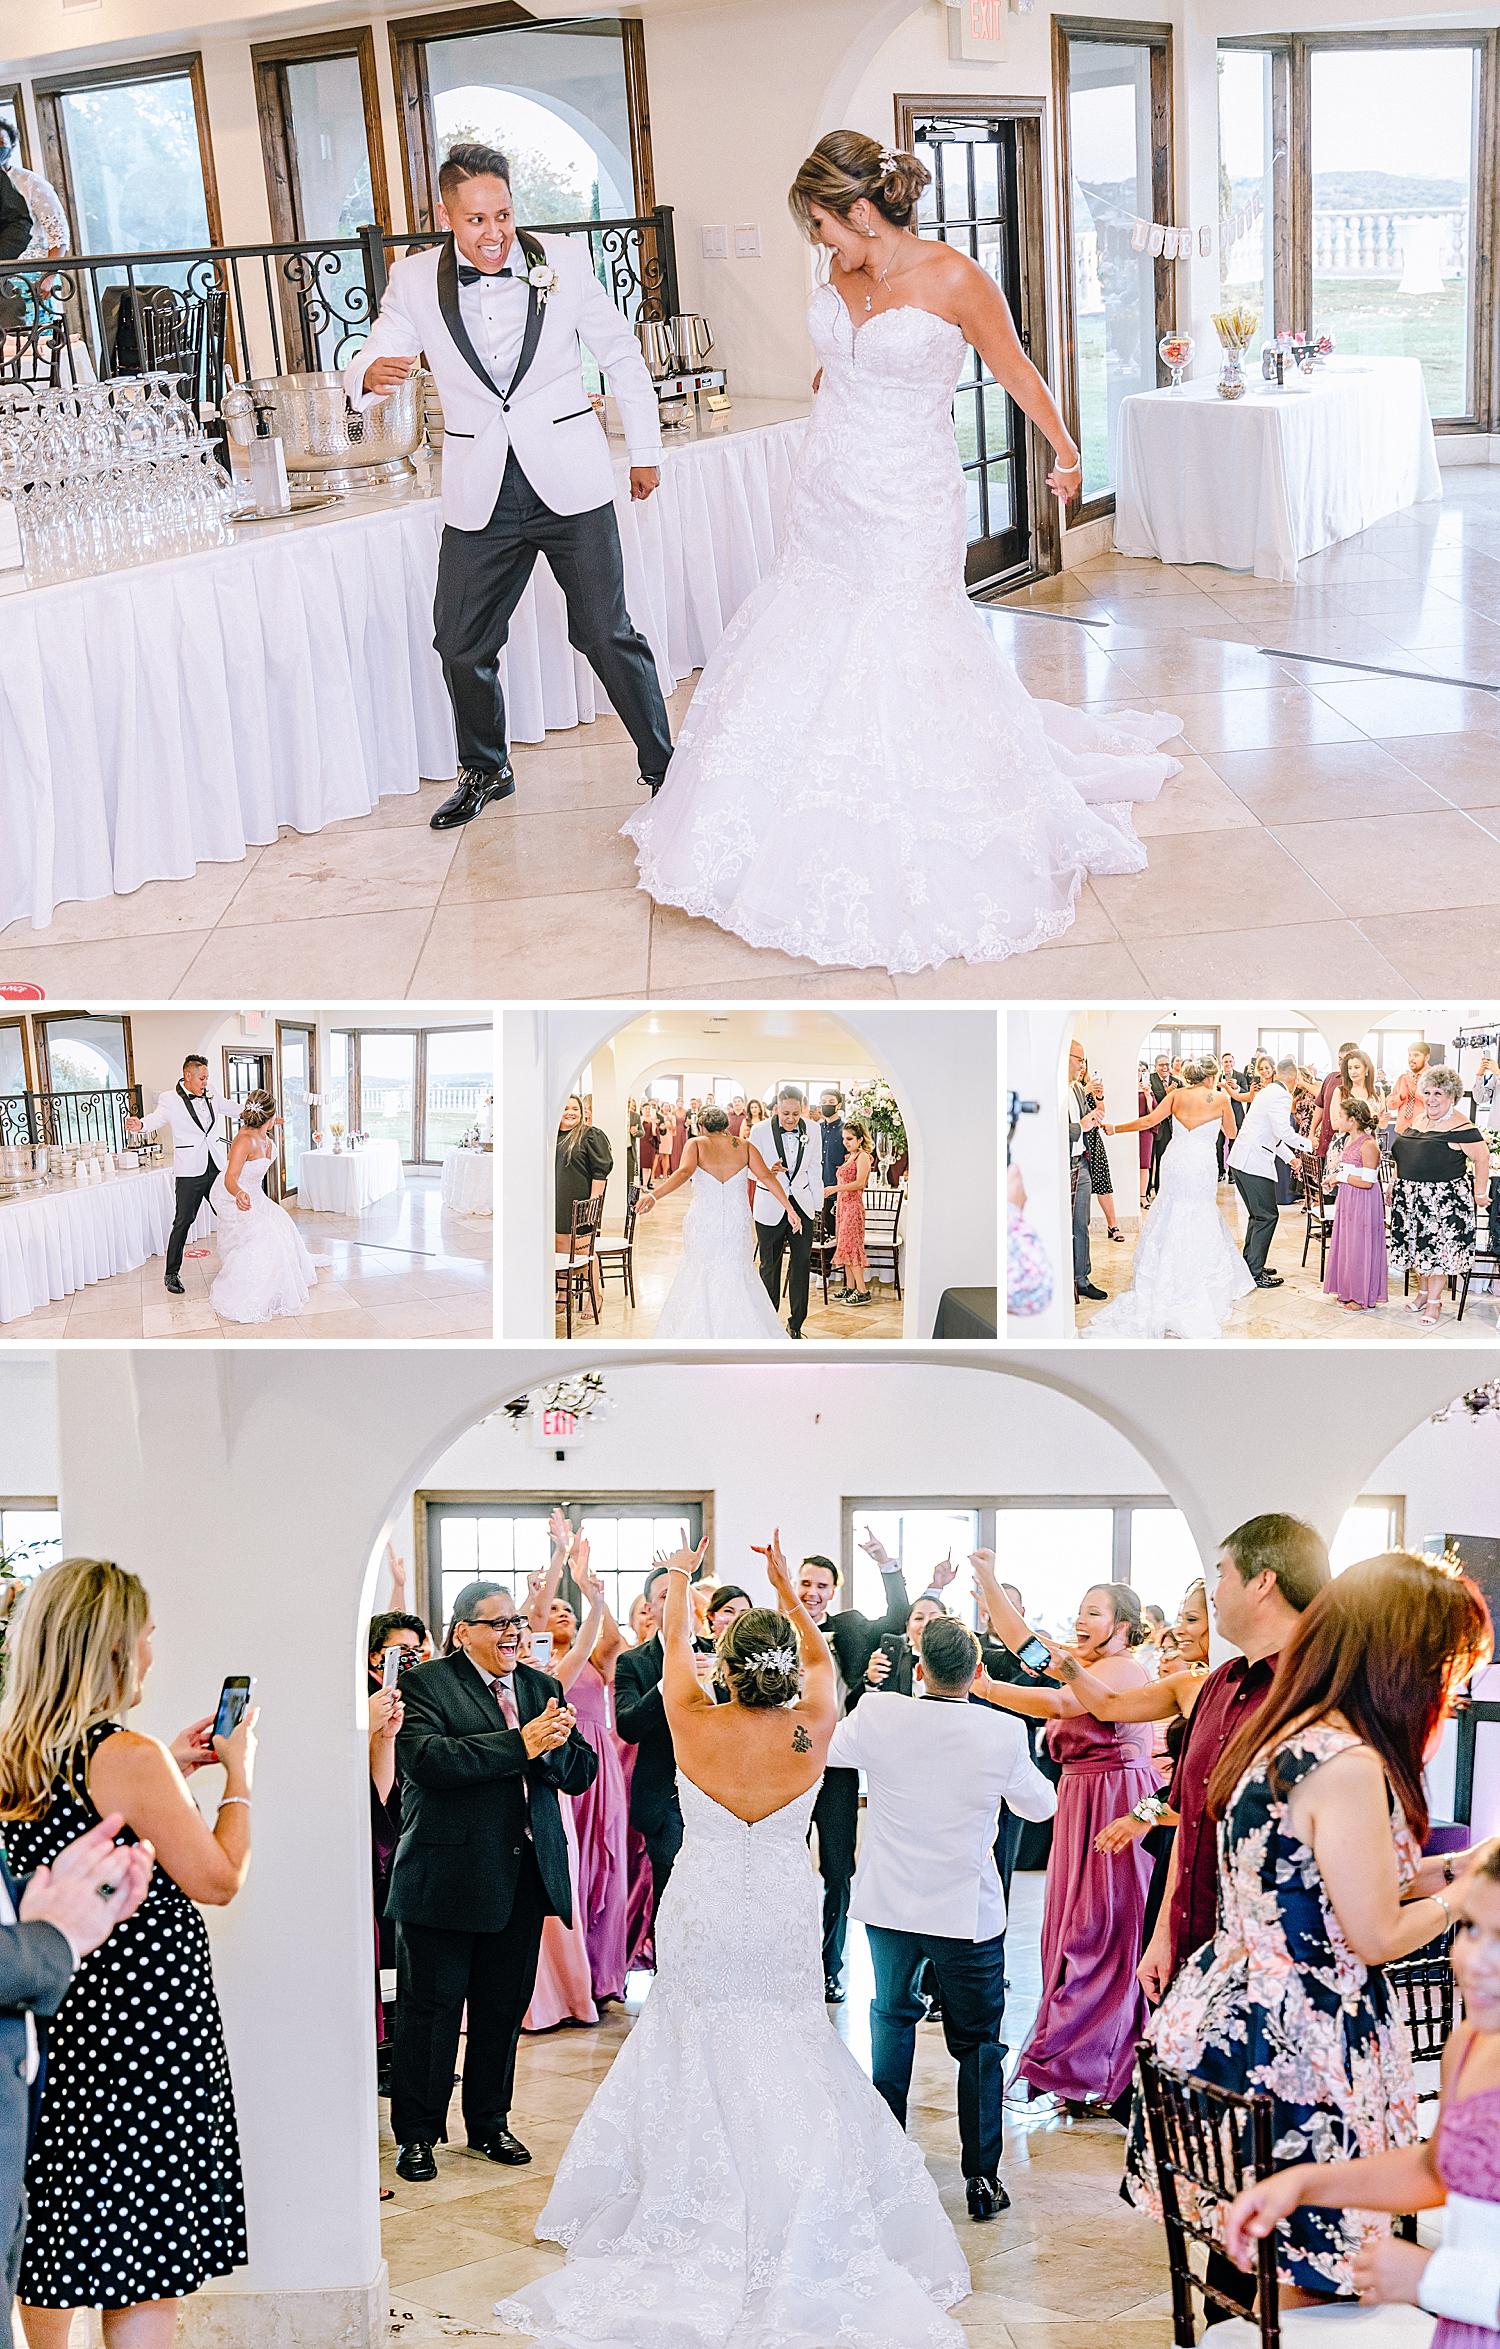 Carly-Barton-Photography-The-Villa-at-Cielo-Vista-Blush-Gold-White-Wedding-Photos_0003.jpg